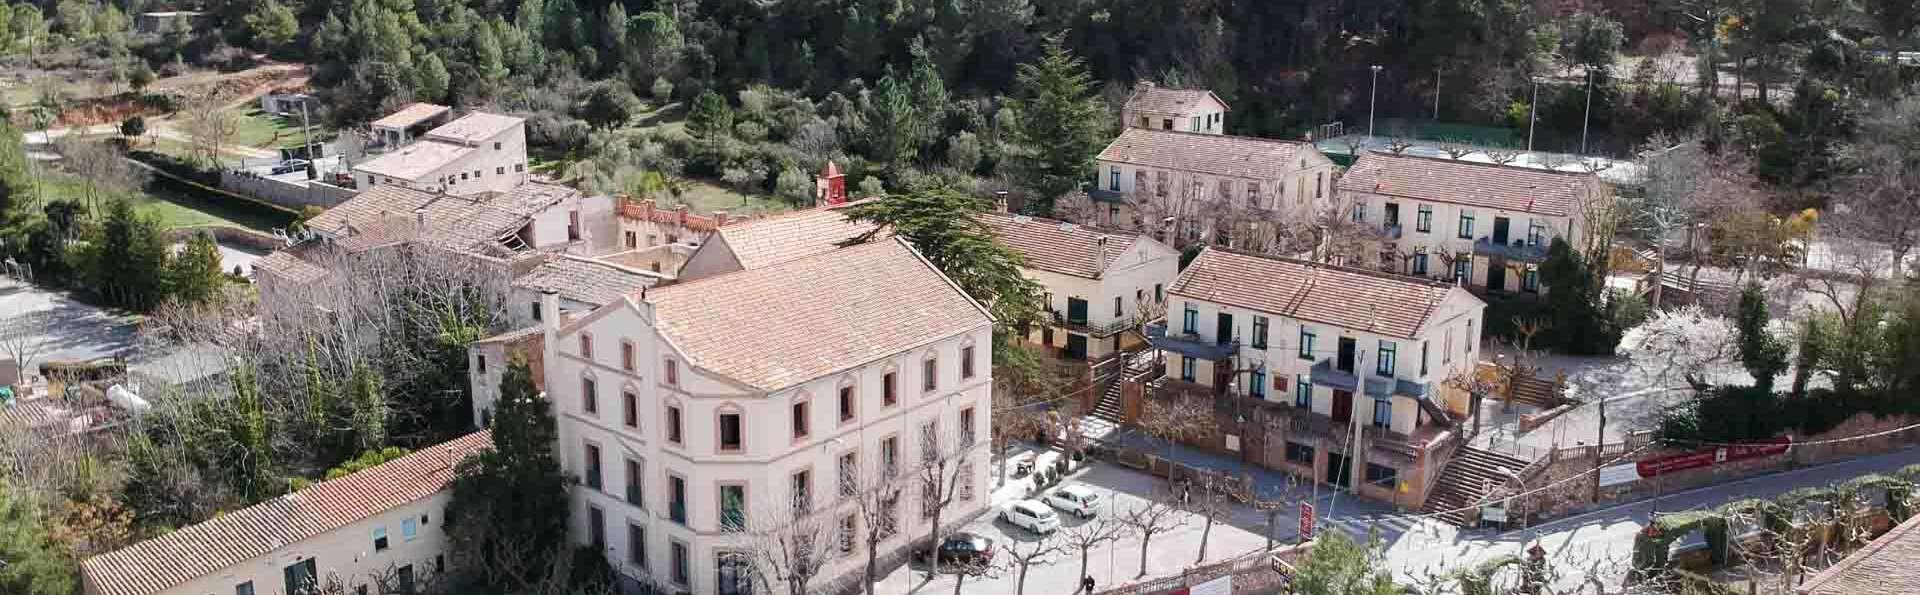 Hotel Rural & Apartamentos Villa Engracia - EDIT_N2_FRONT.jpg